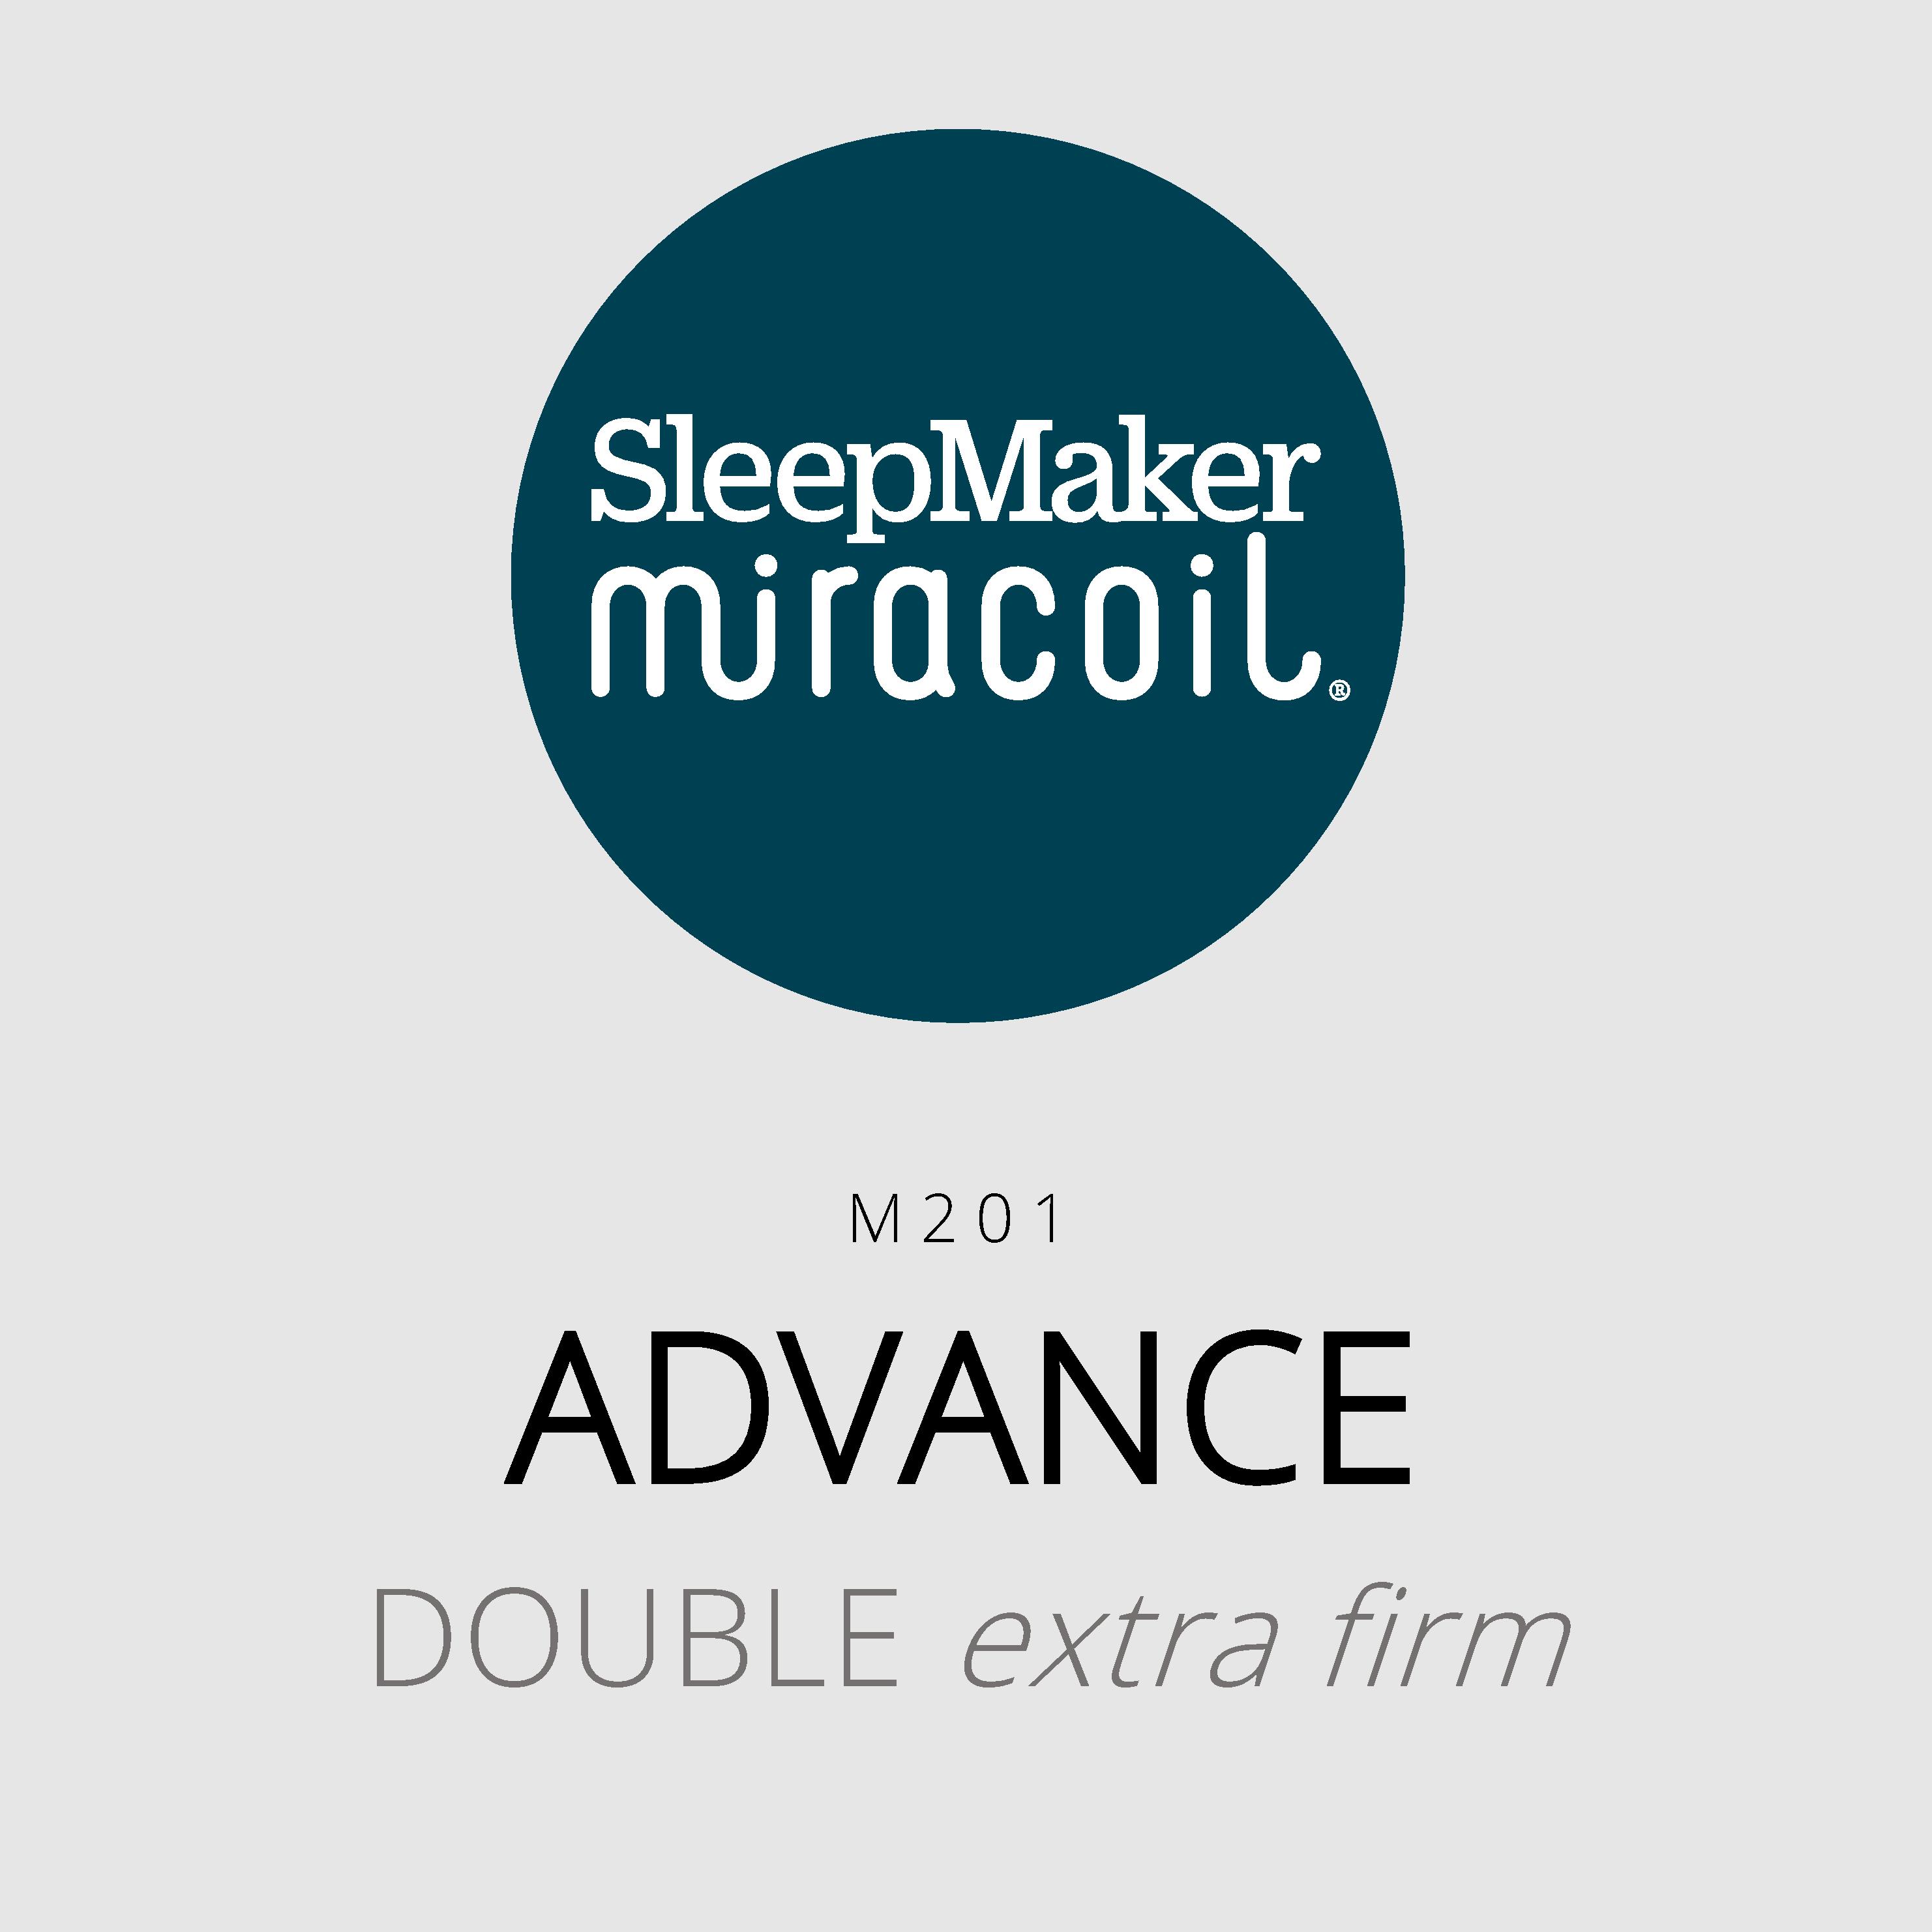 SleepMaker Miracoil – Advance – M201 – Double Extra Firm Mattress